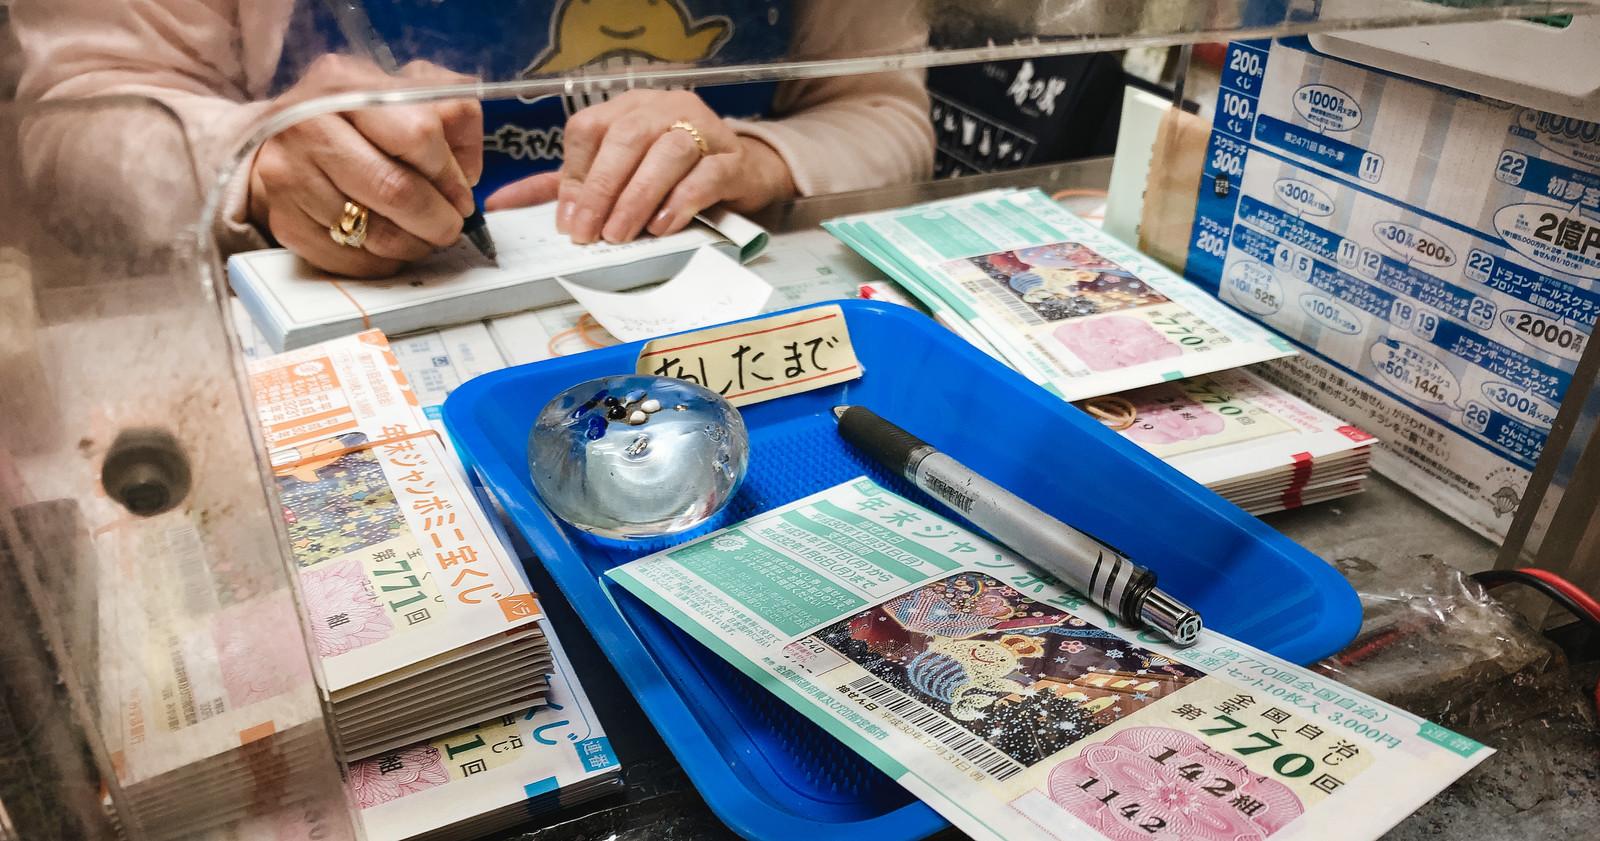 今1000万円を貰うか、それとも10年に分けて毎年100万円ずつ貰うか。